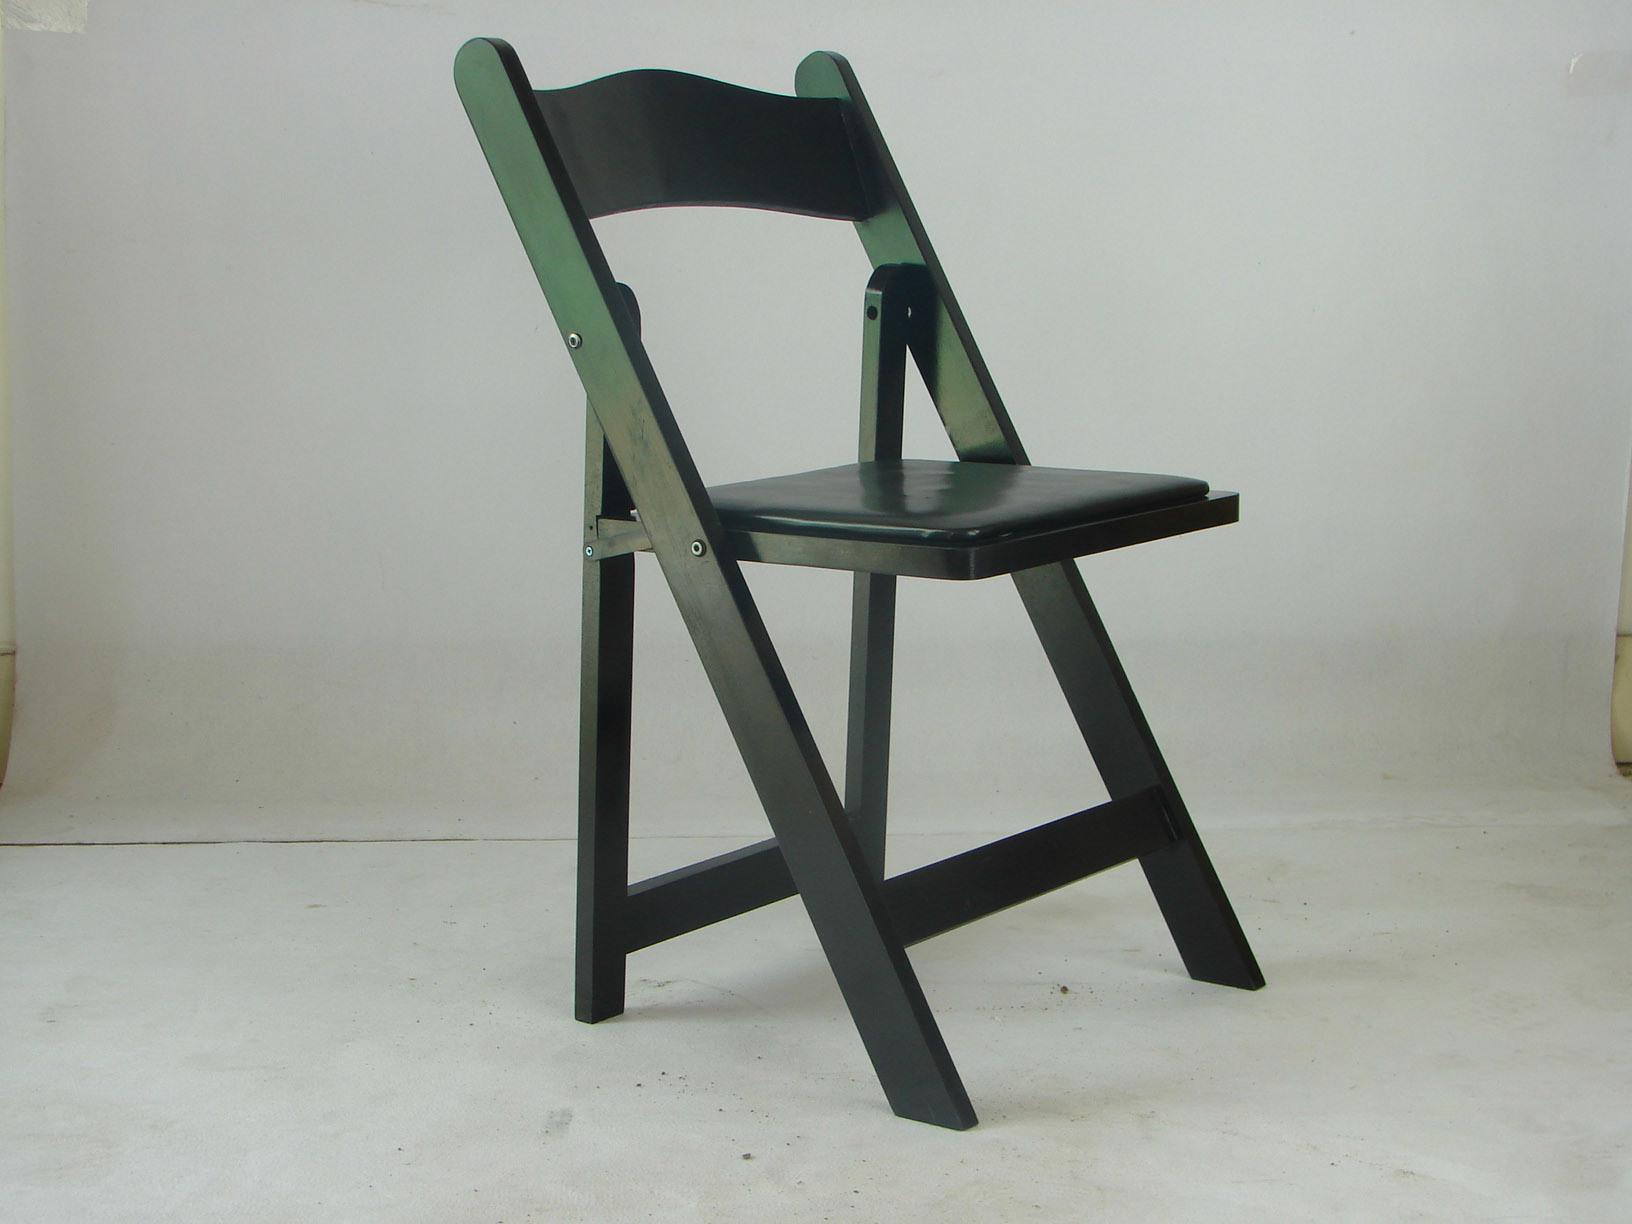 Silla de madera plegable de la silla de jard n de la silla for Sillas para planos